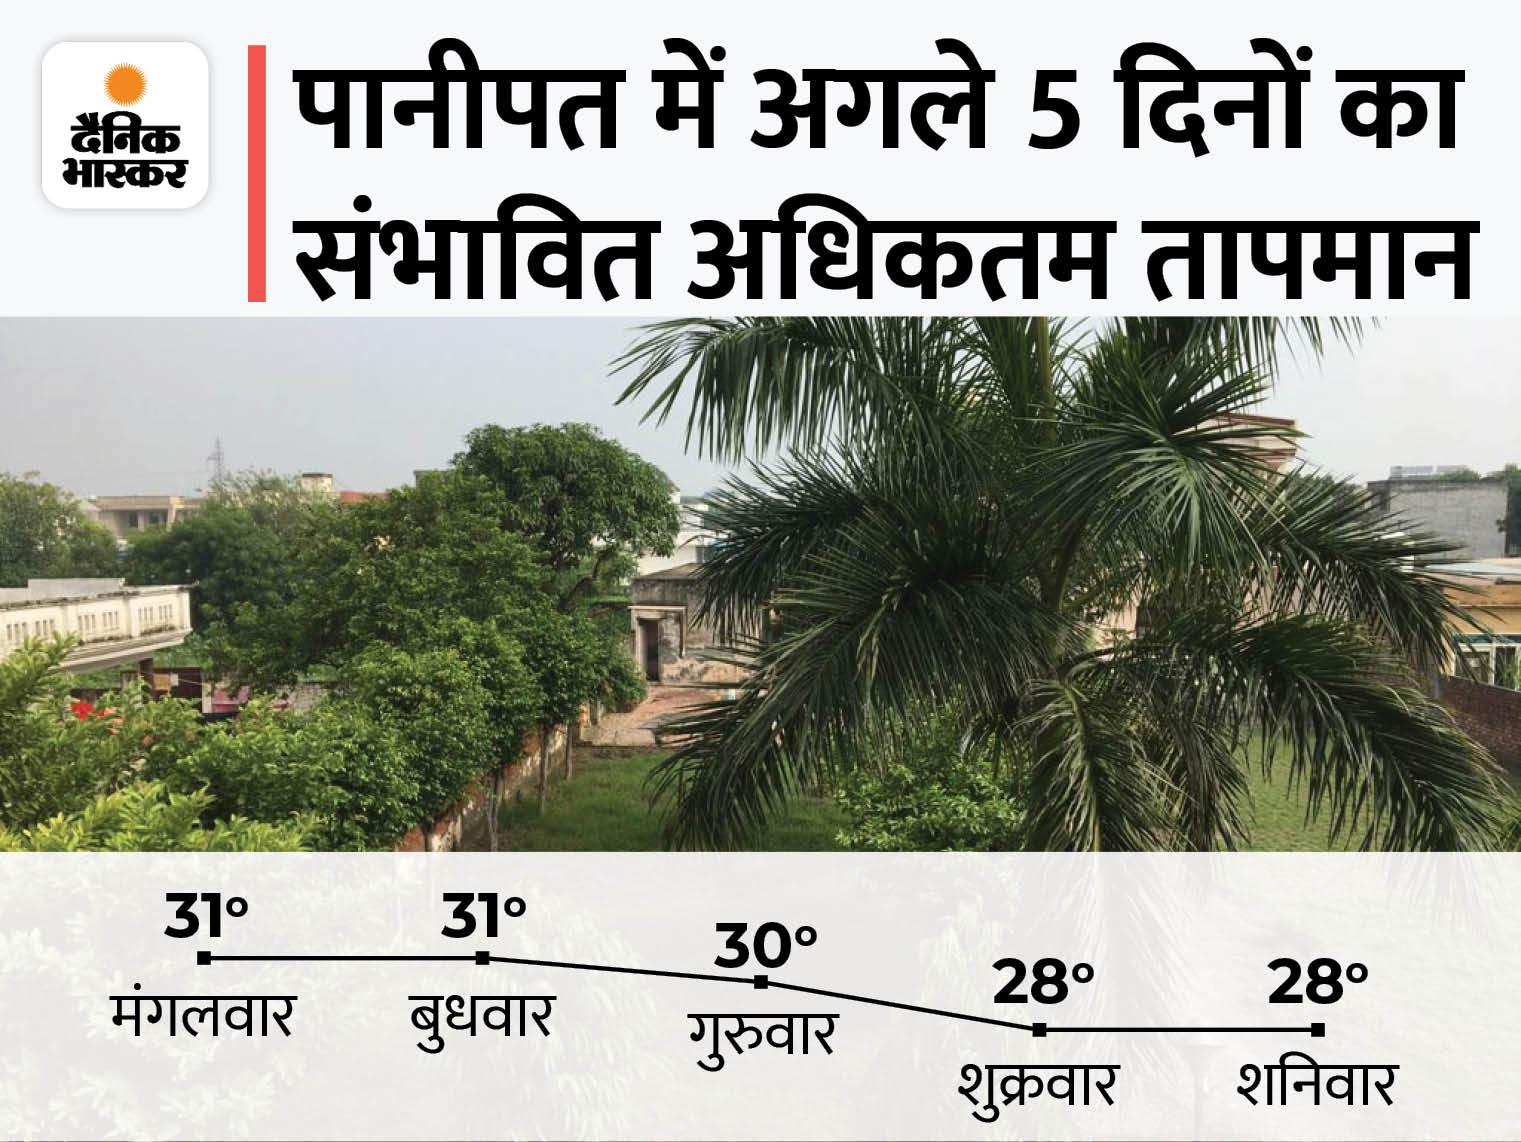 धूप खिलने से 1 डिग्री बढ़ा तापमान; 11 सितंबर तक मानसून के सक्रिय रहने के आसार और बना रहेगा ठंडक का अहसास|पानीपत,Panipat - Dainik Bhaskar